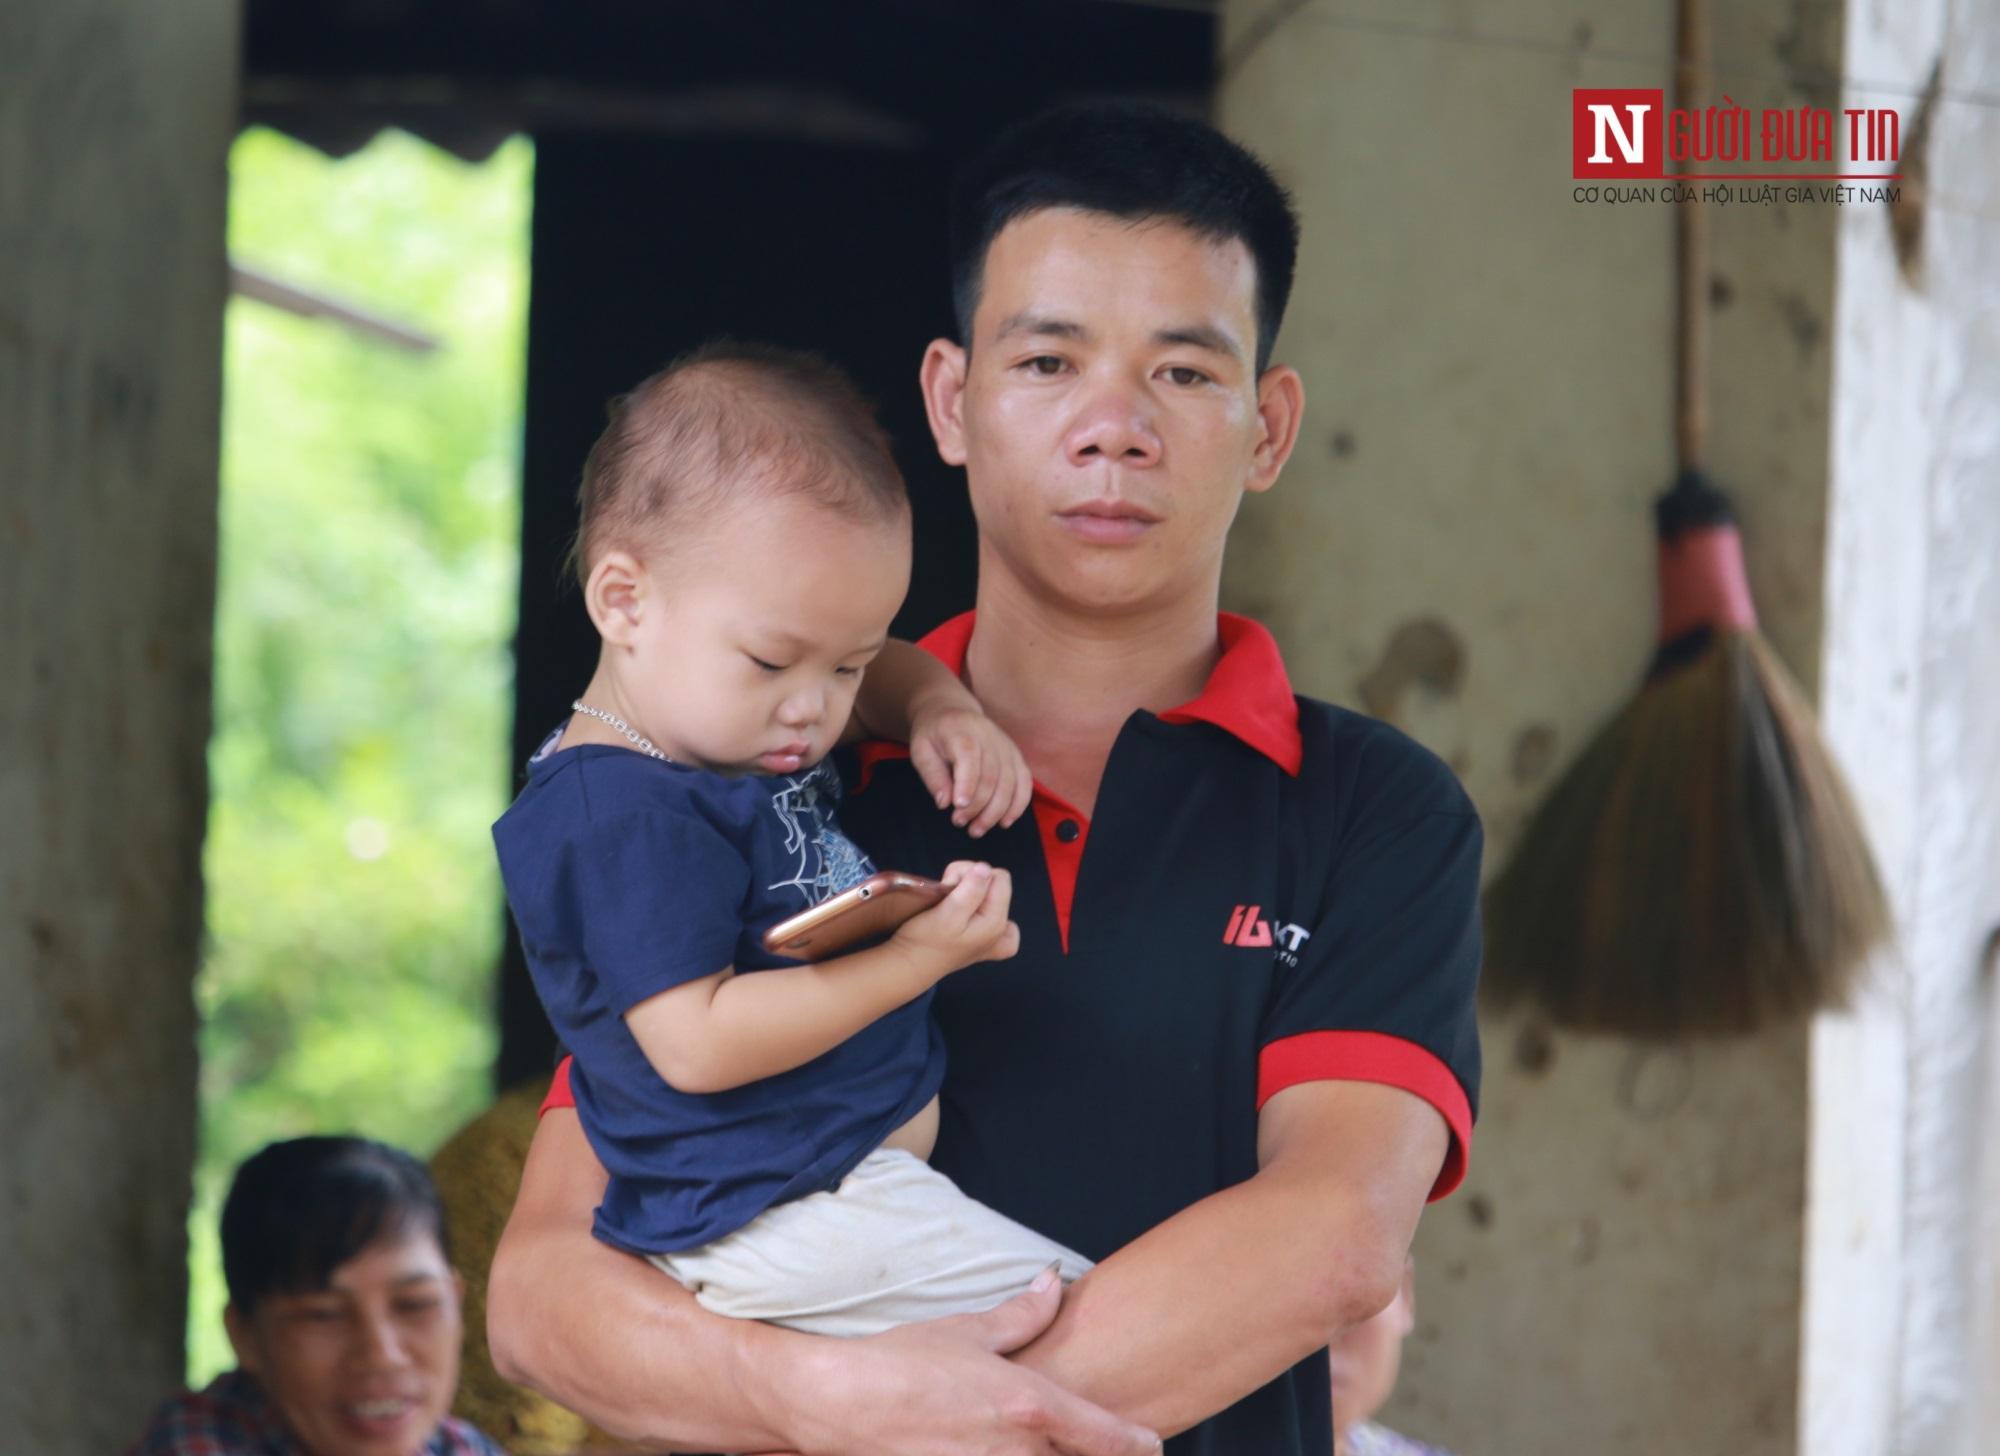 Đã có kết quả giám định vụ bỏ chai thuốc diệt cỏ vào bể nước ở Phú Thọ - Ảnh 2